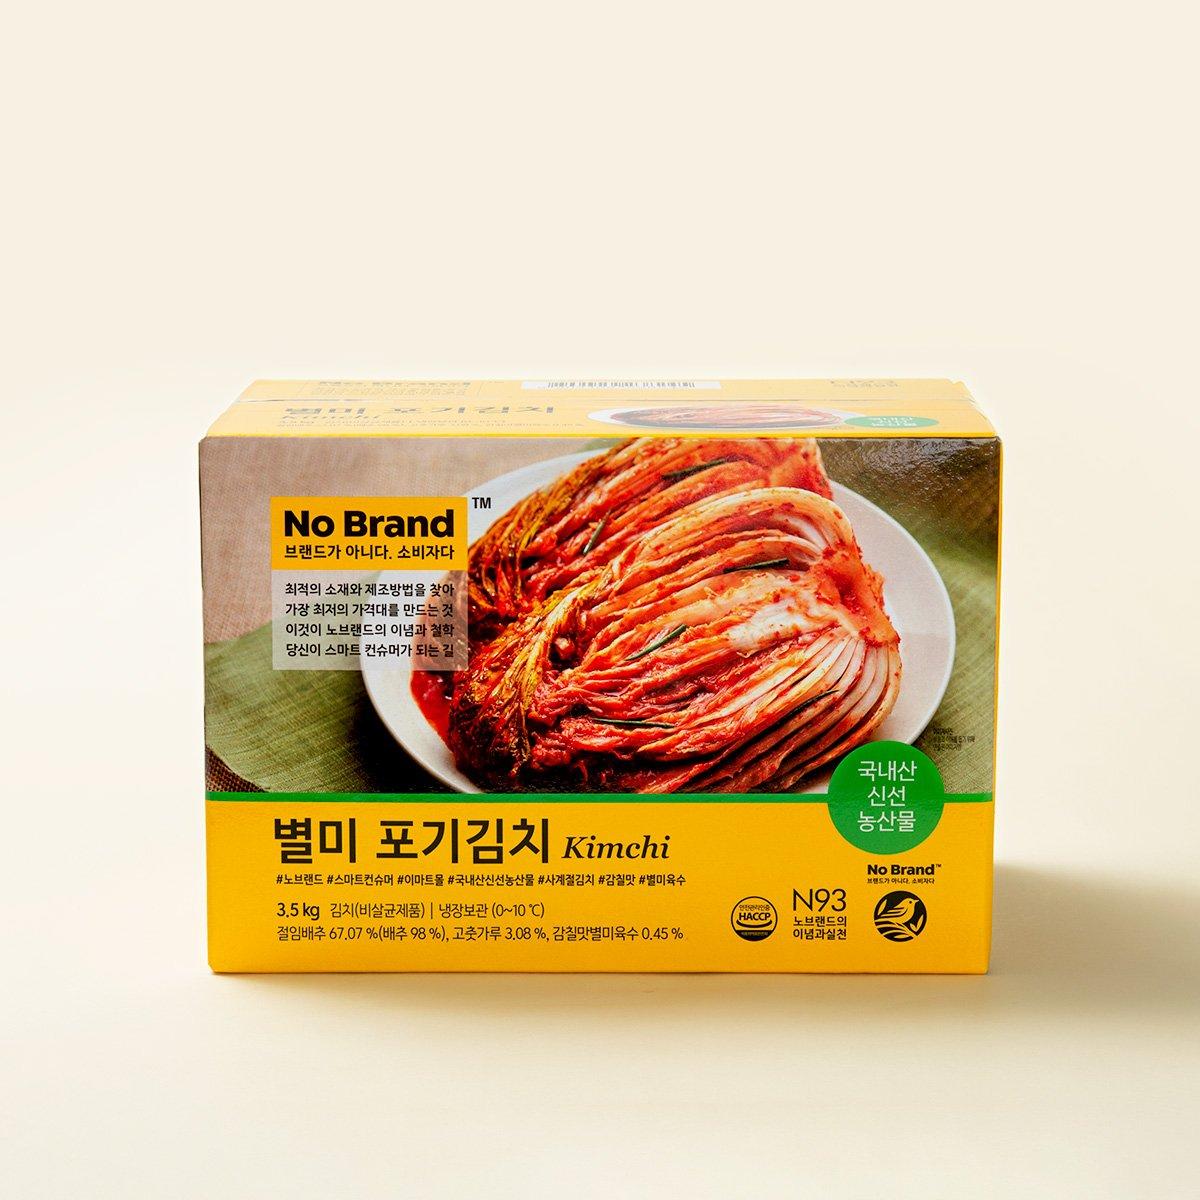 [노브랜드] 별미 포기 김치 3.5kg